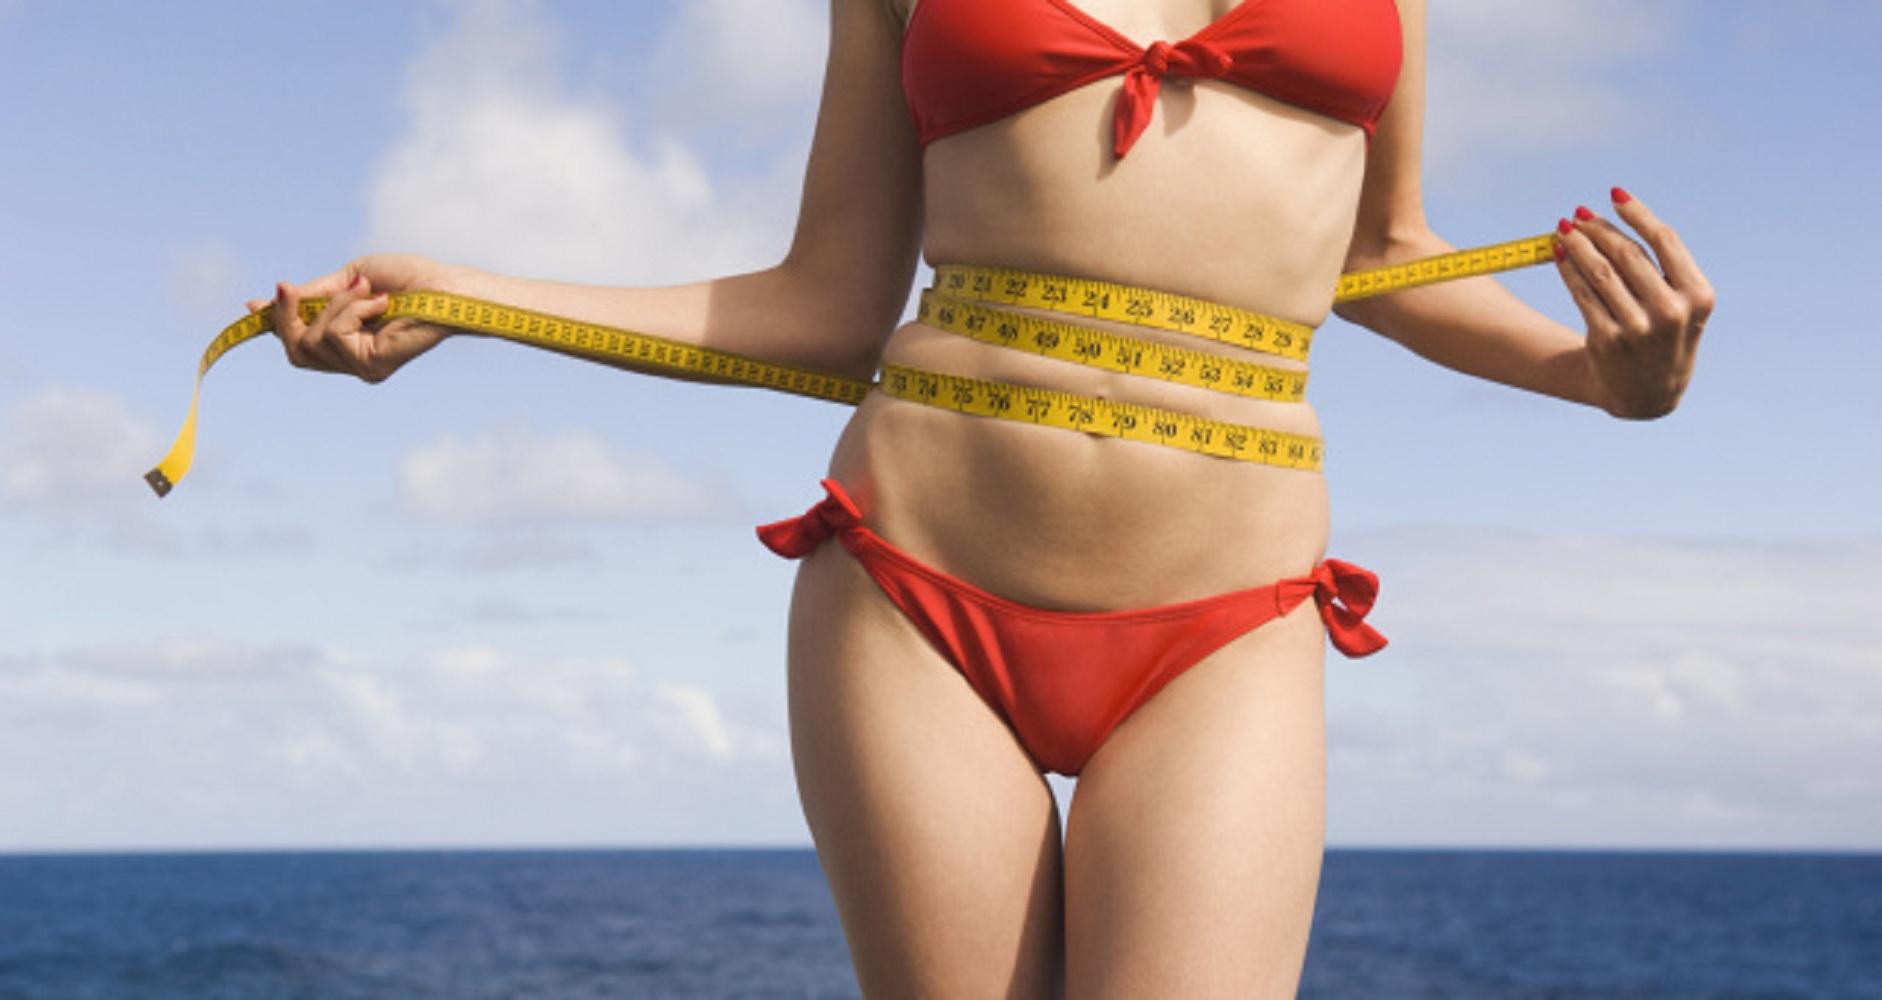 15 ponturi care te ajuta sa slabesti fara cura de slabire